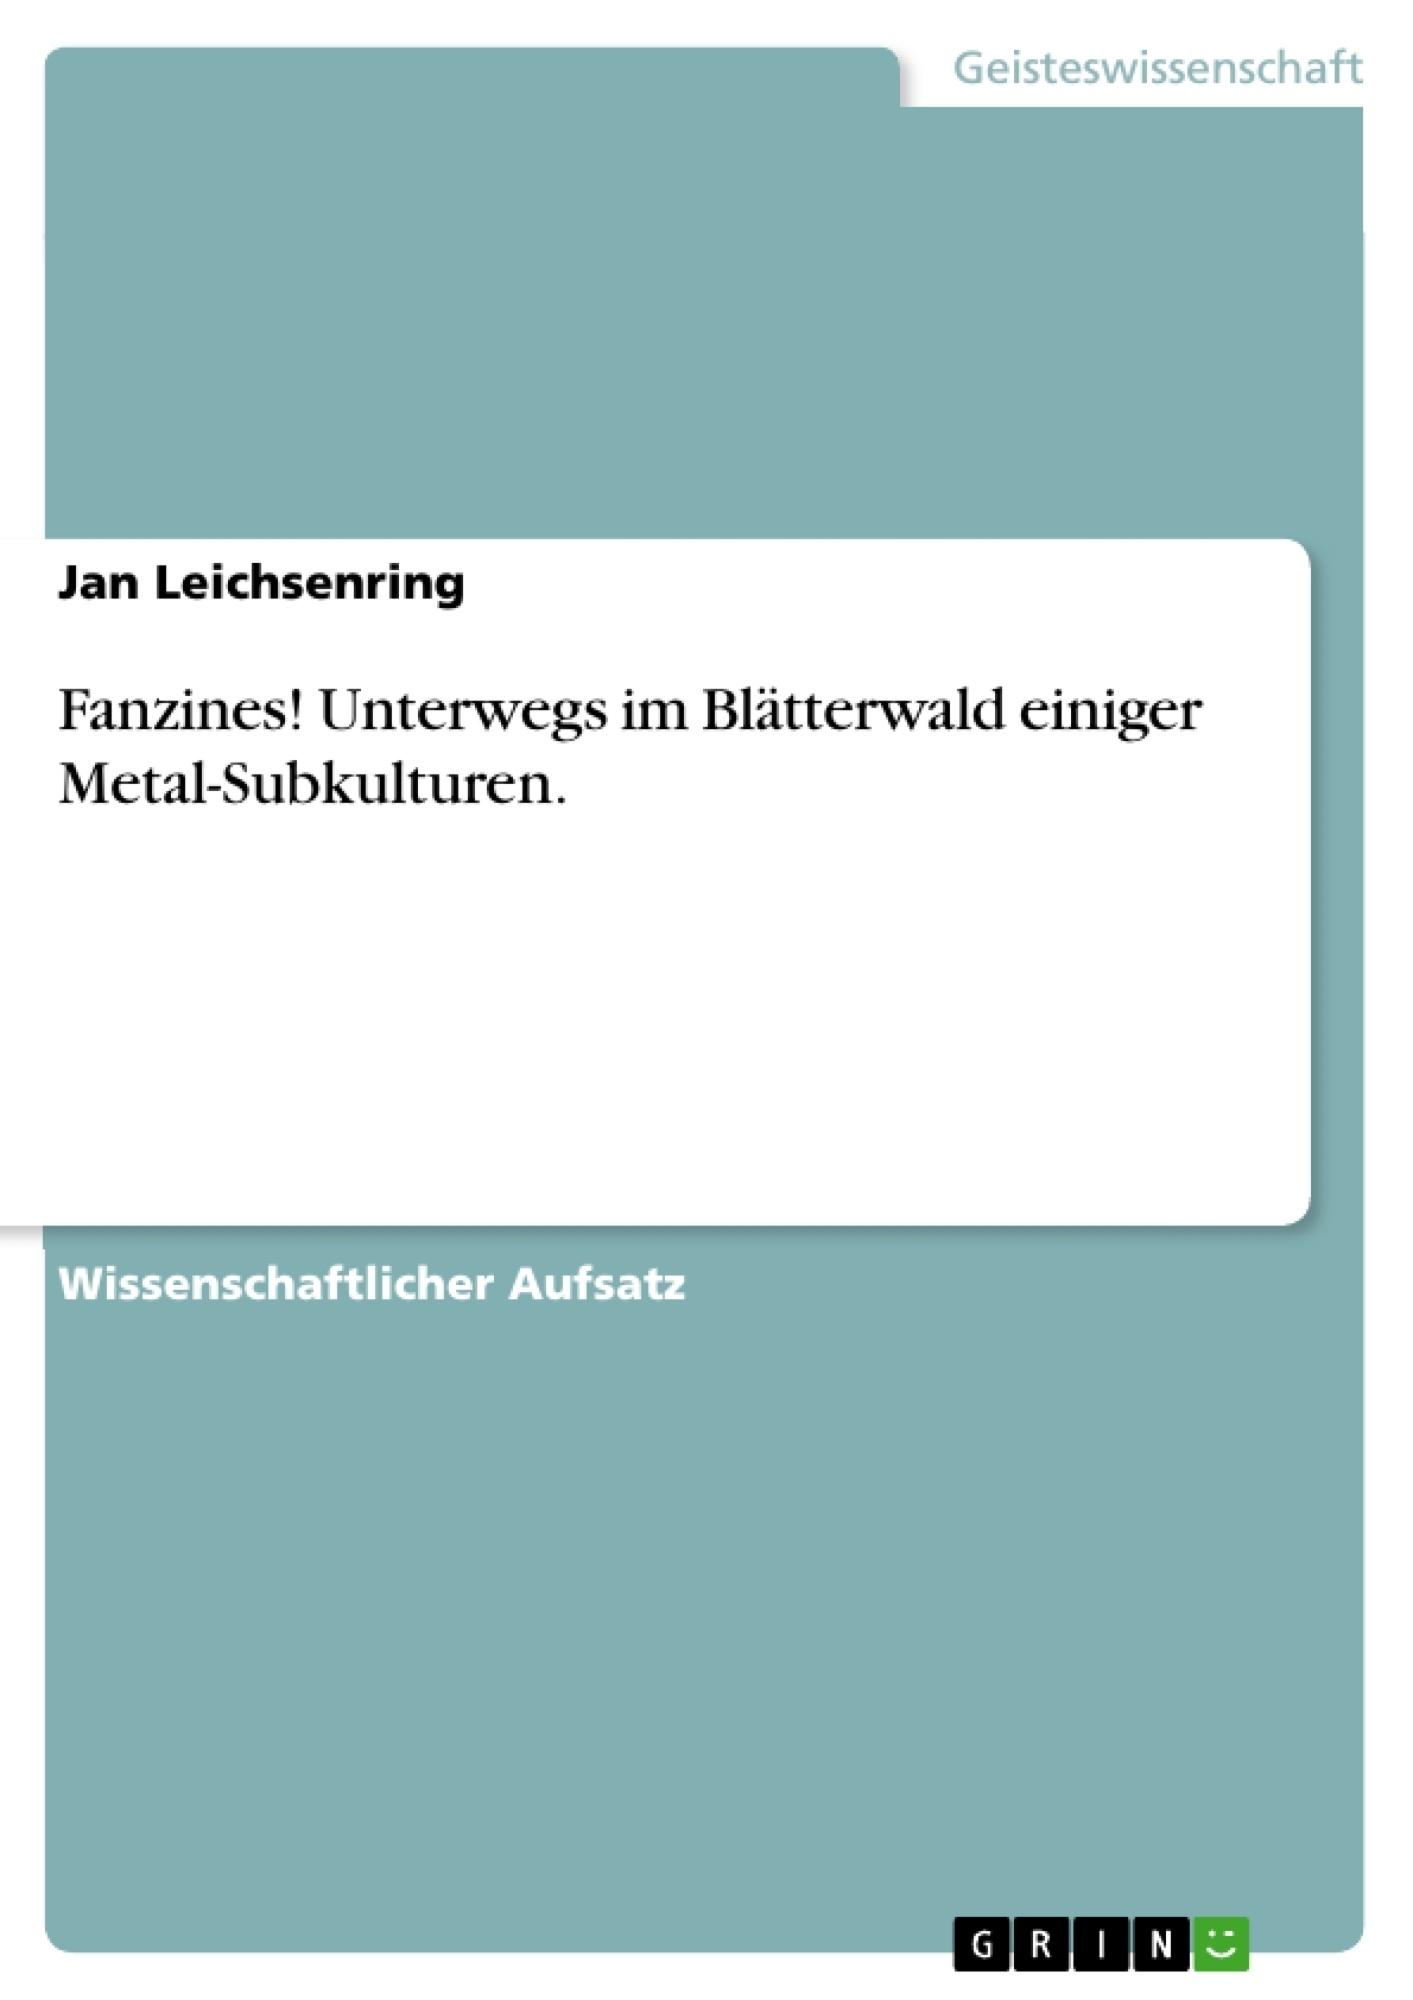 Titel: Fanzines! Unterwegs im Blätterwald einiger Metal-Subkulturen.